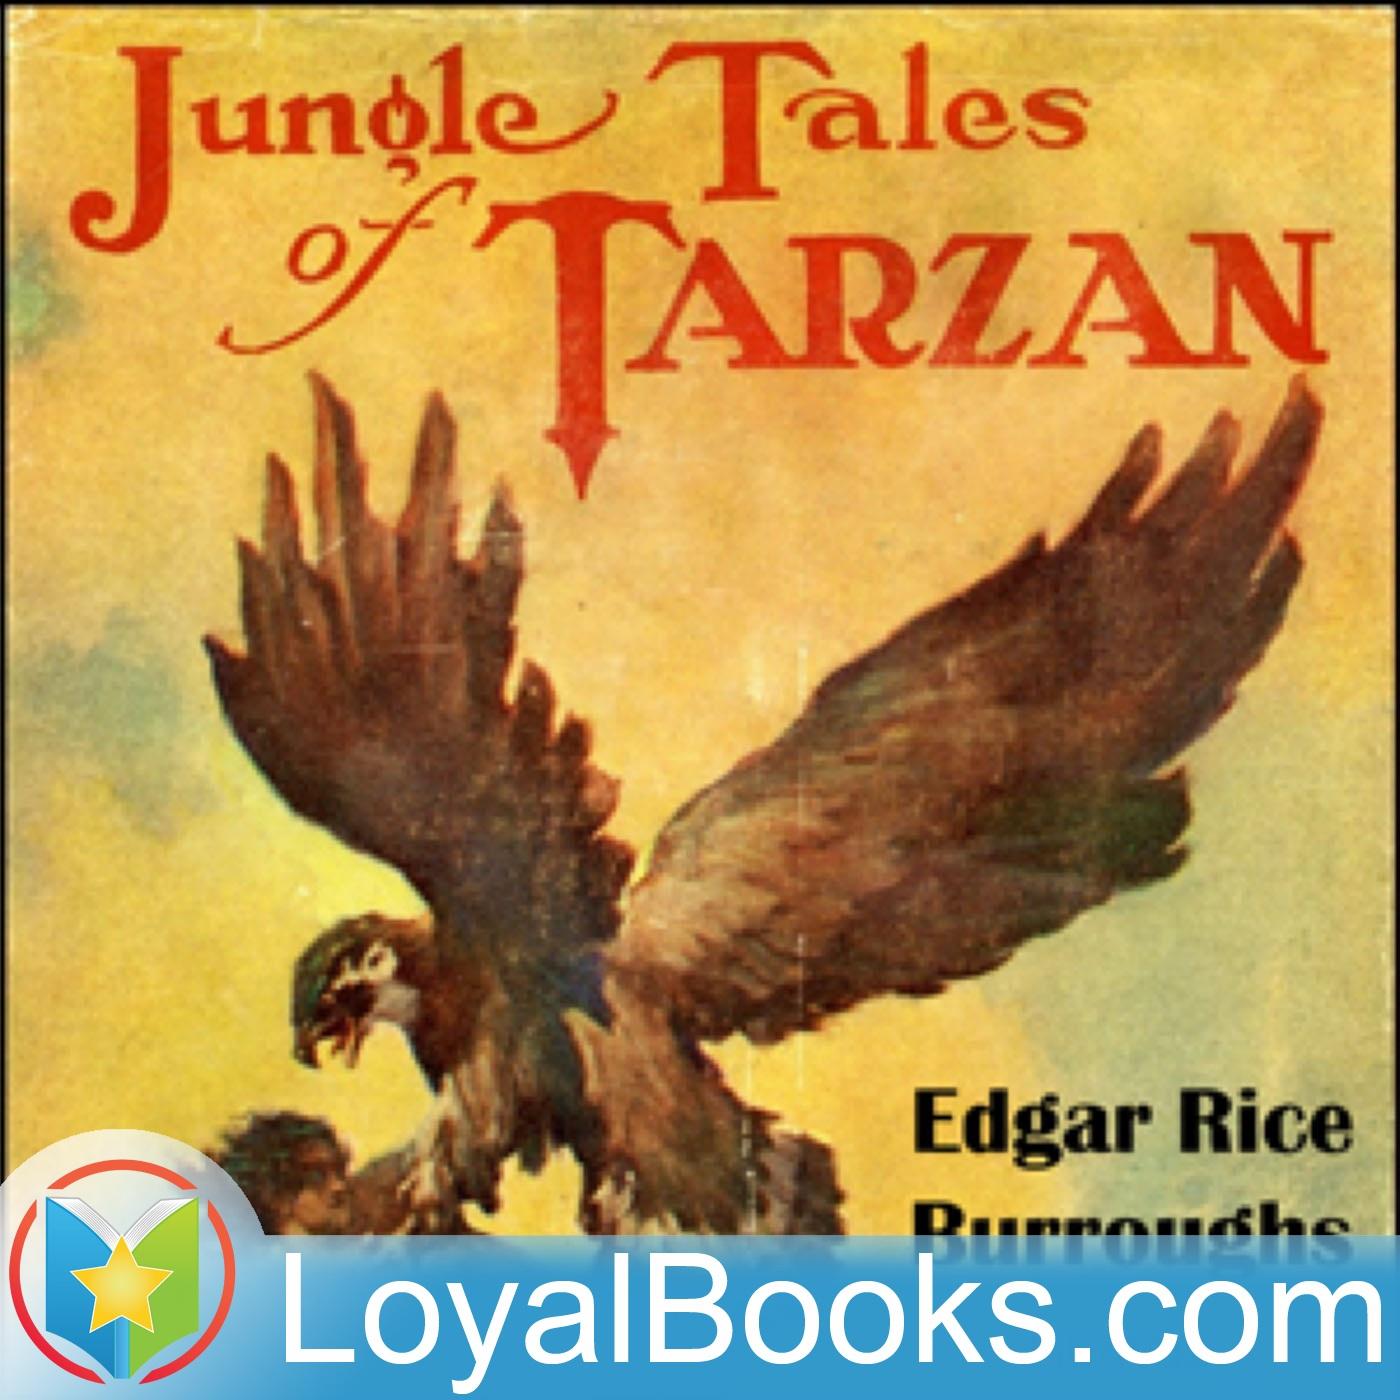 <![CDATA[Jungle Tales of Tarzan by Edgar Rice Burroughs]]>